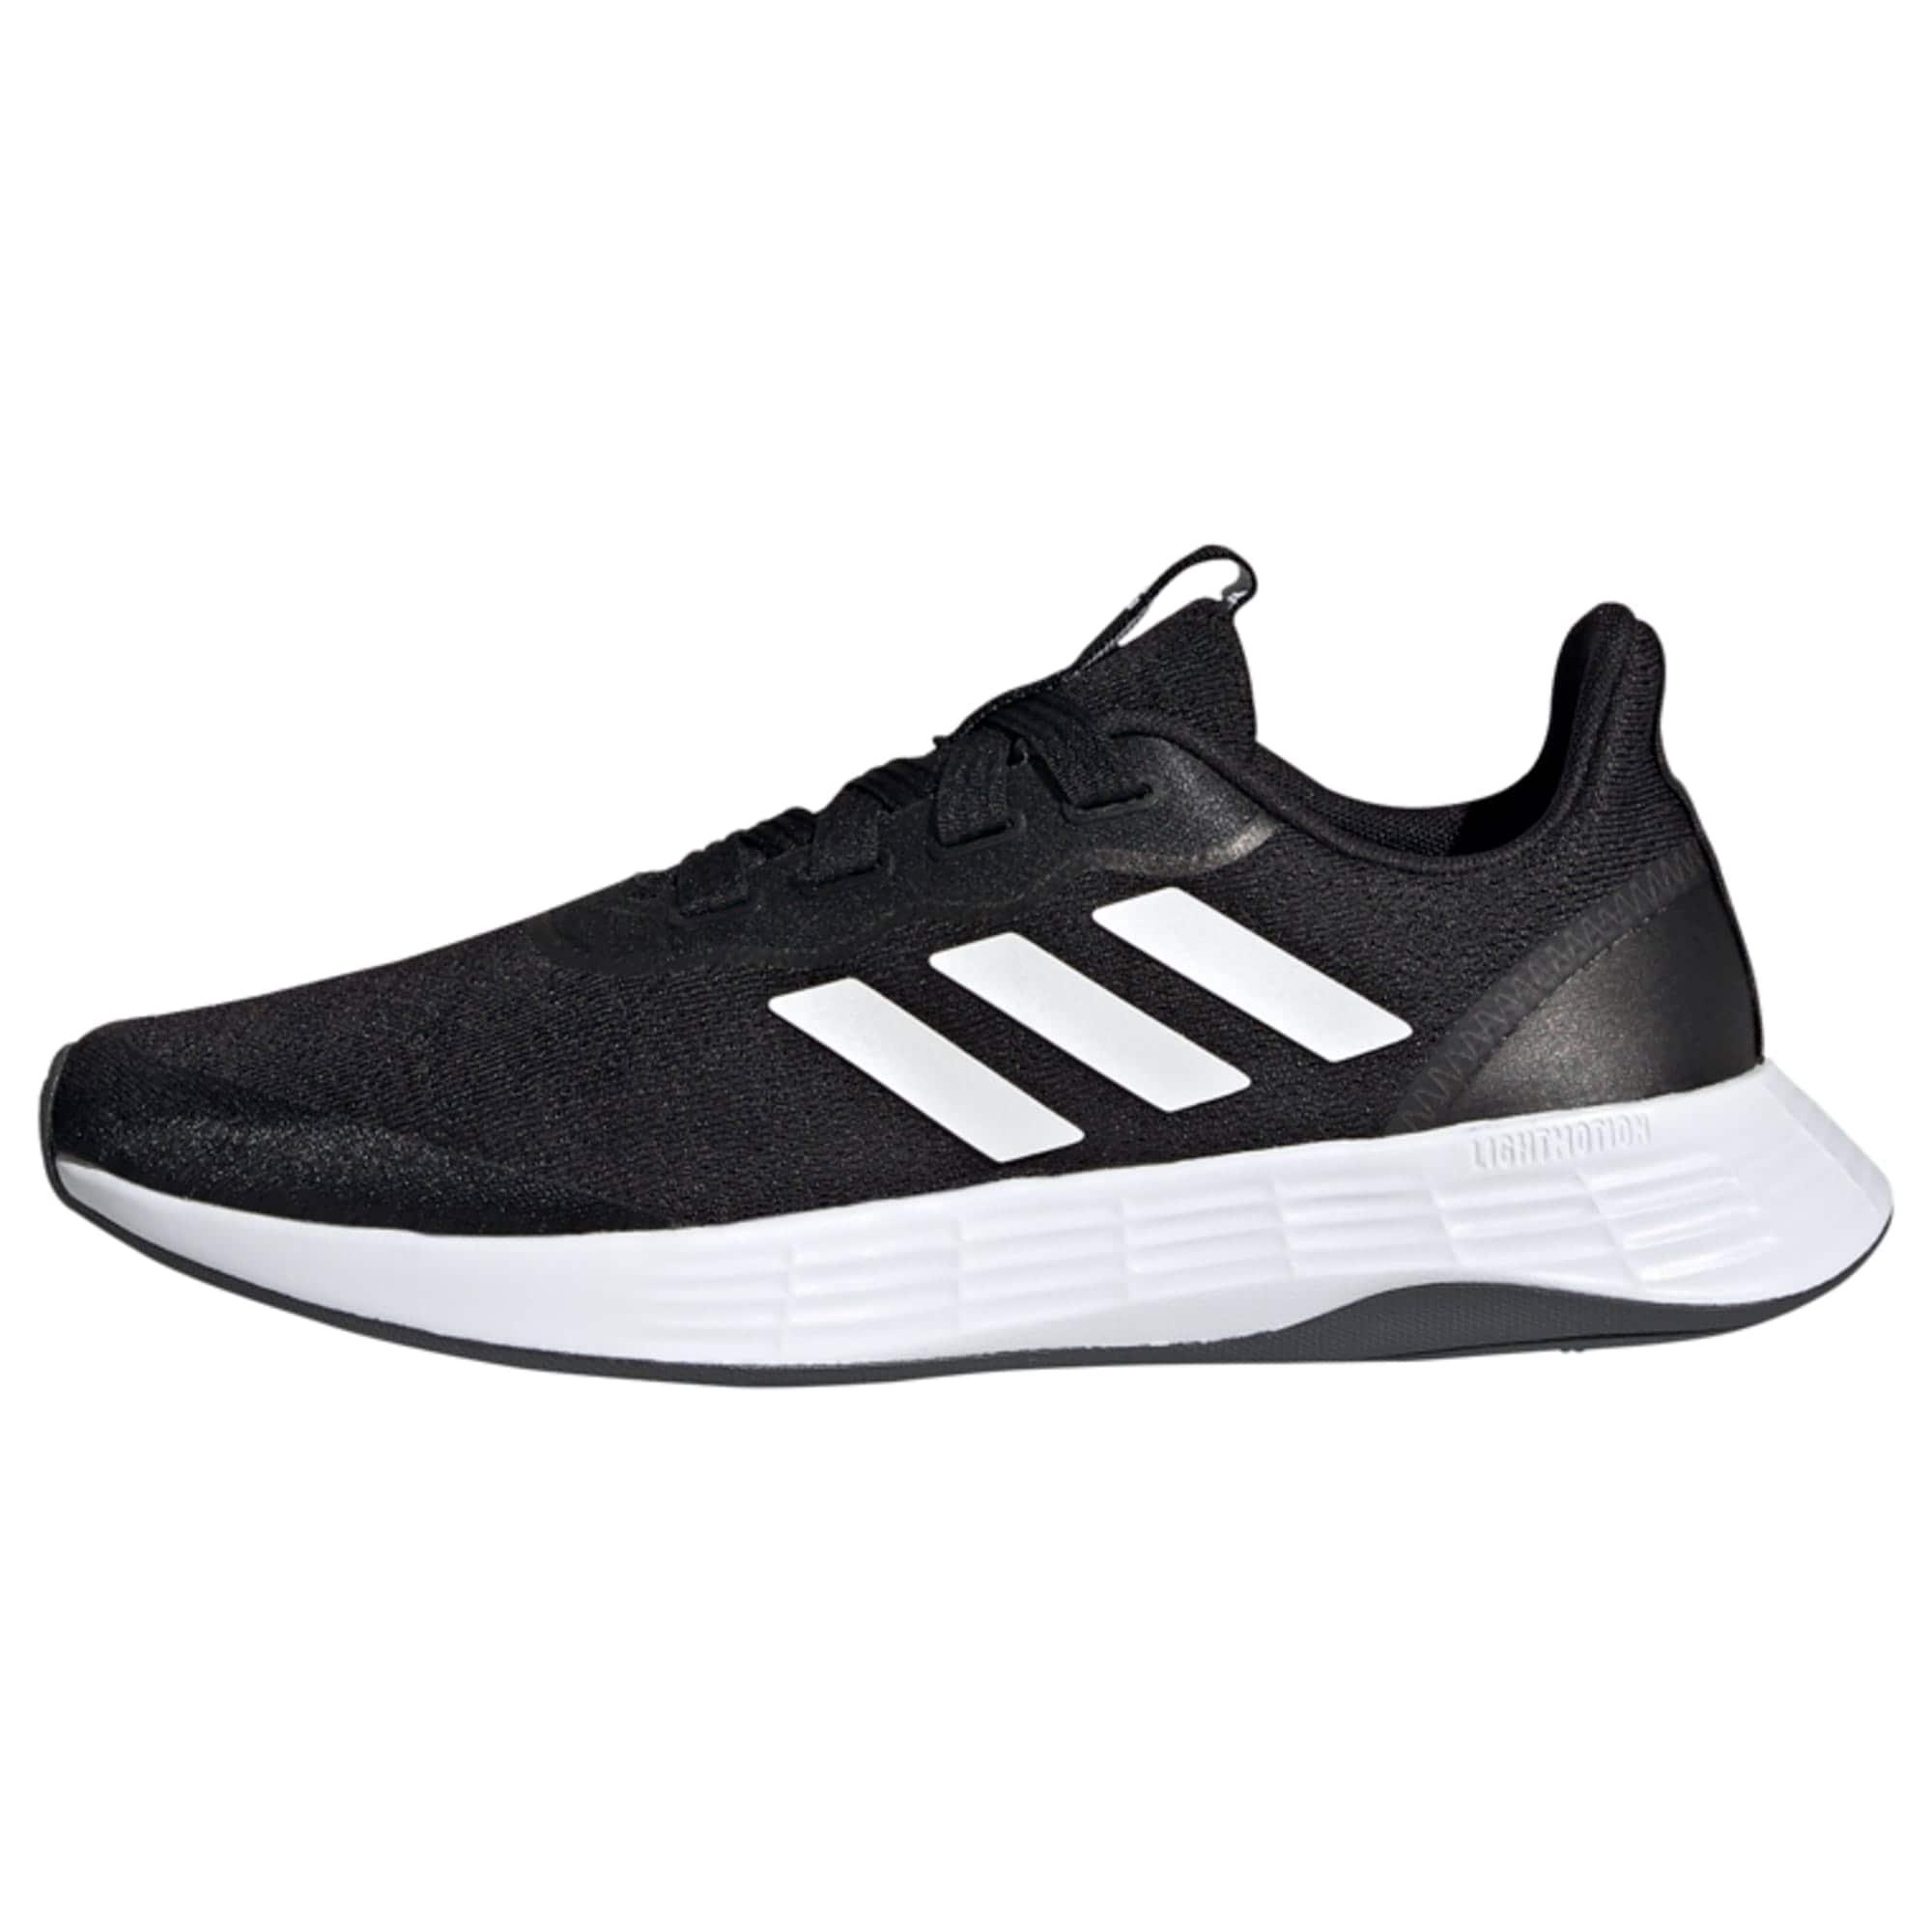 ADIDAS PERFORMANCE Chaussure de course  - Noir - Taille: 7 - female